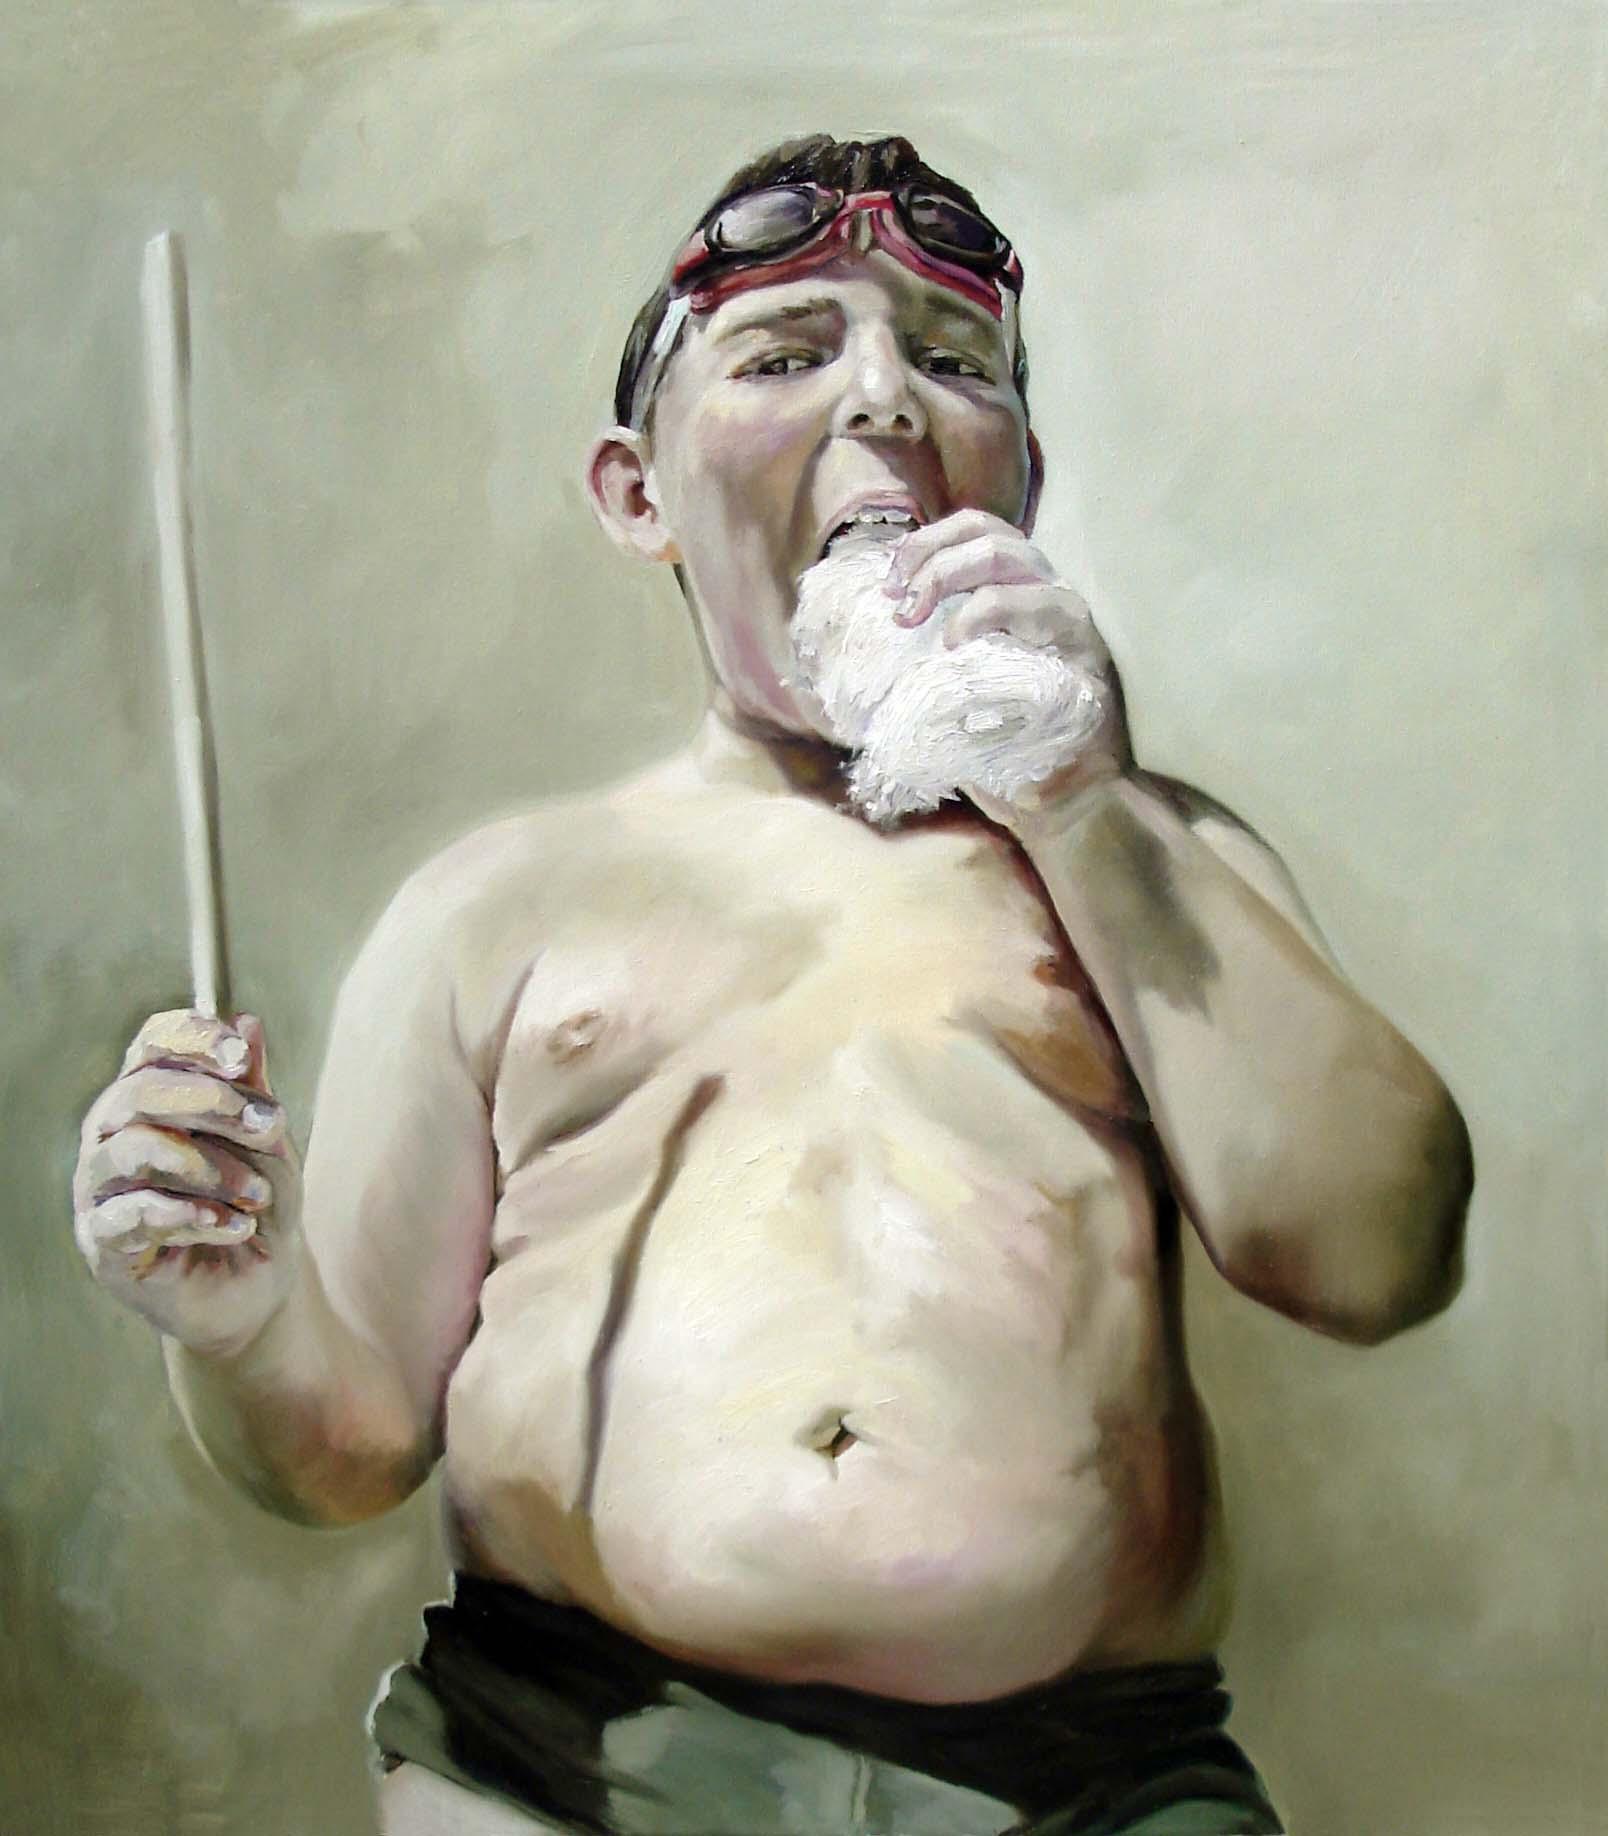 Anca Danila Pintura de un niño muy grueso comiendo algodón de azúcar